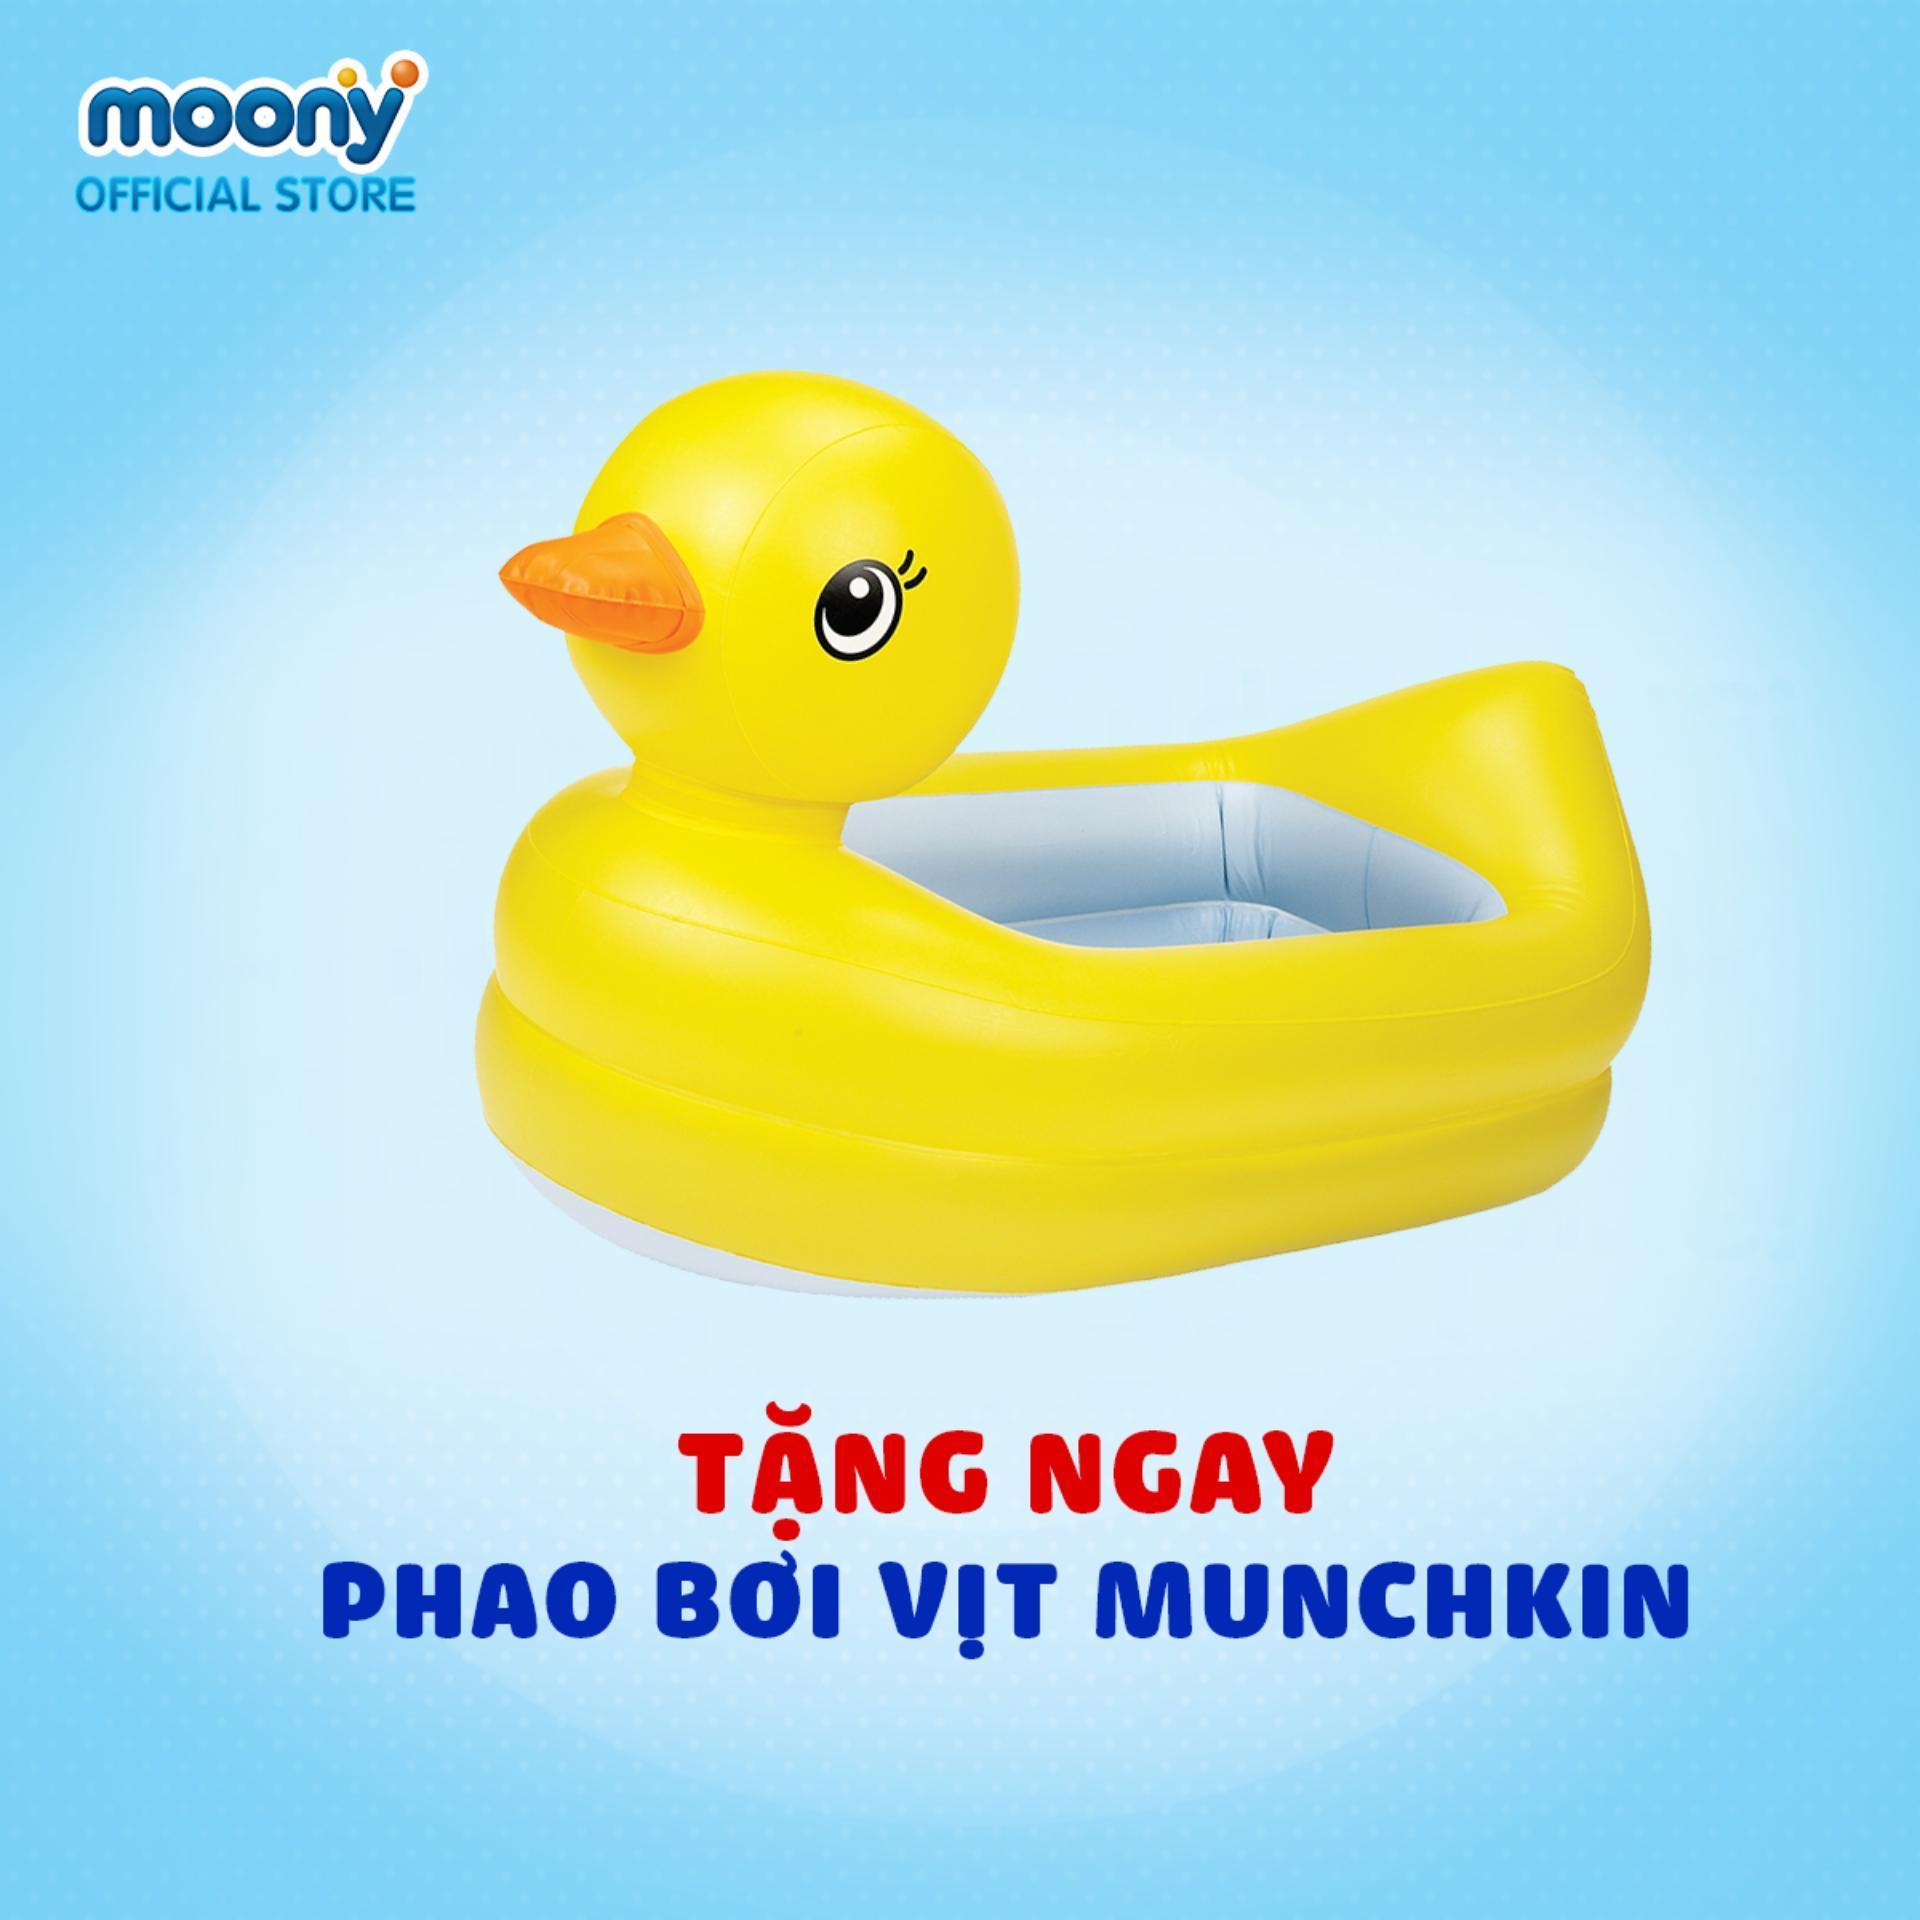 [QUÀ TẶNG] - Hồ bơi vịt Munchkin cho bé khi...